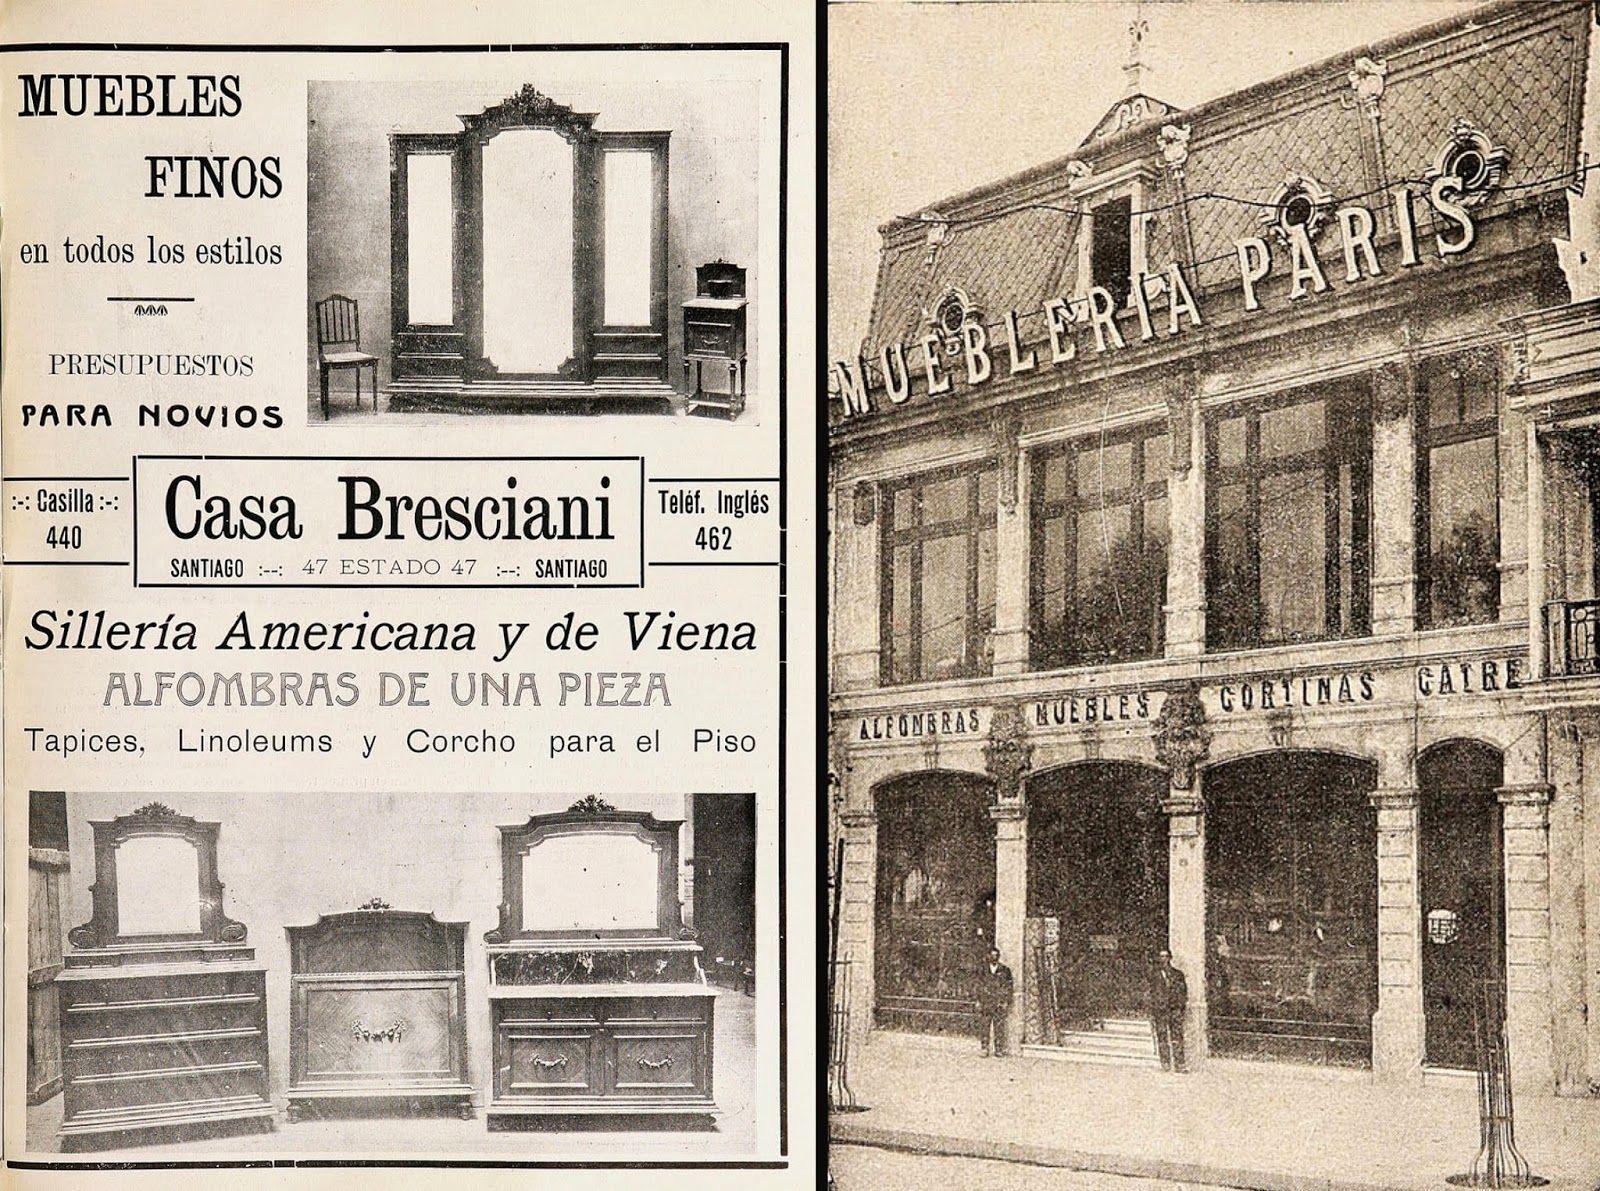 La muebler a casa bresciani y otras tantas dieron paso a inicios de la d cada de 1940 a la - La muebleria ...